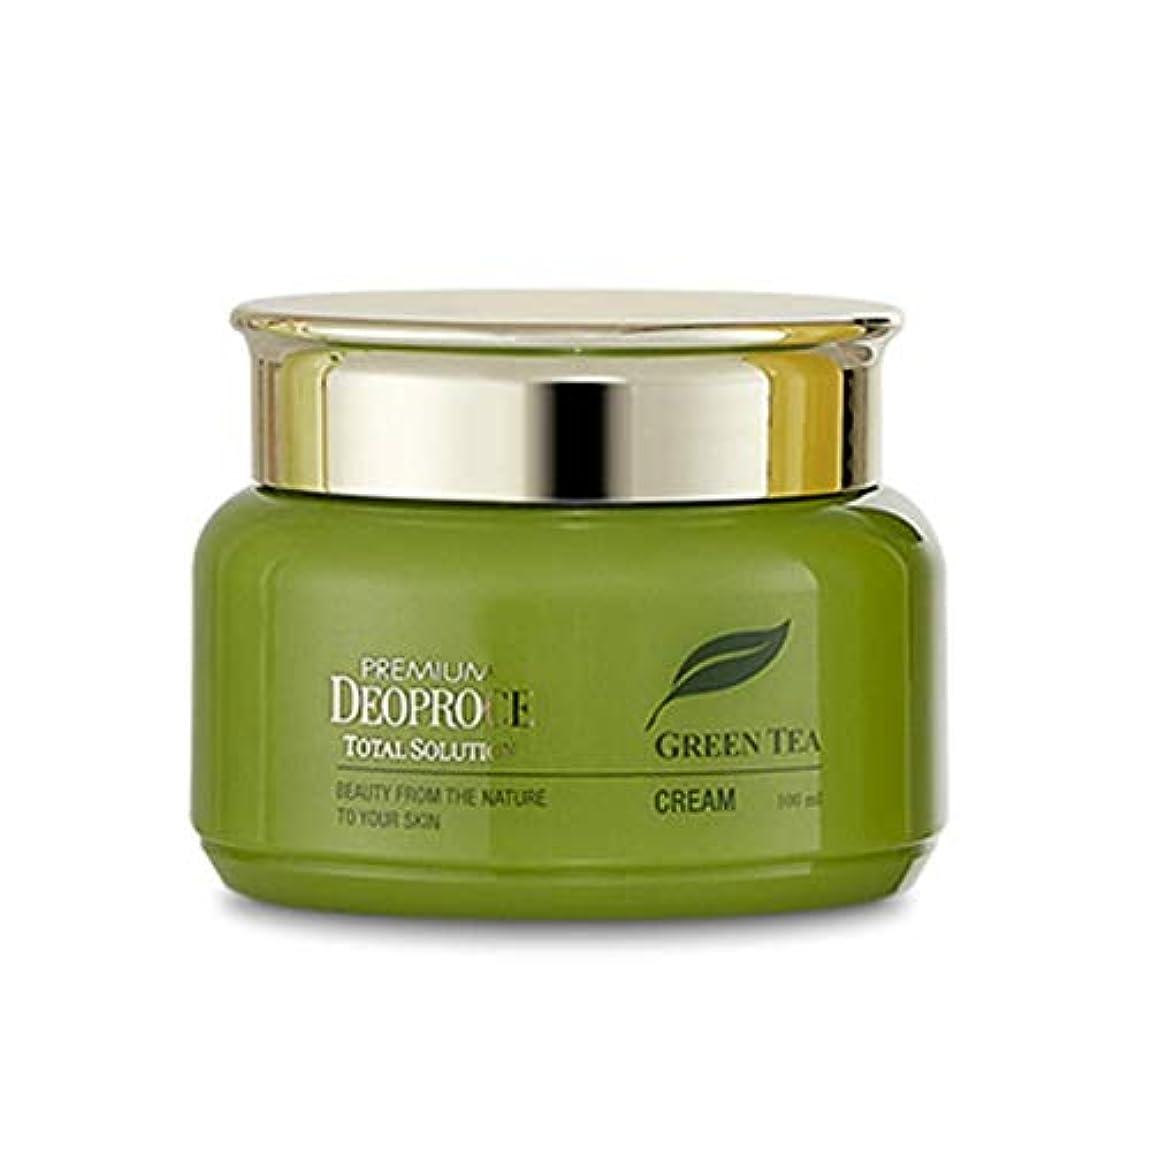 Deoproce 緑茶トータルソリューションクリーム [並行輸入品]